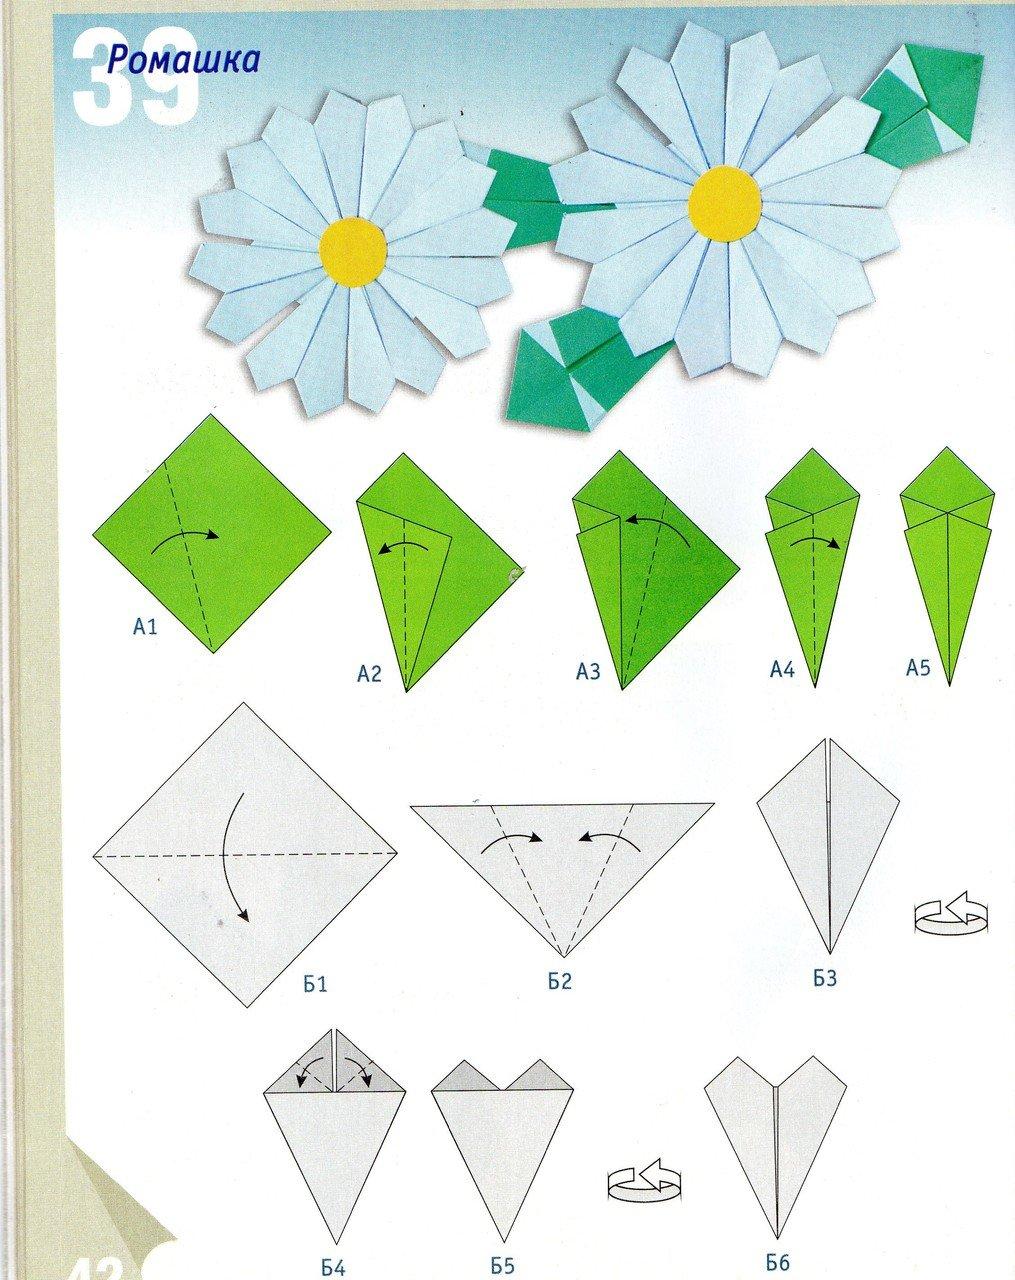 Цветы для открытки из бумаги своими руками оригами, спасибо гифки красивые